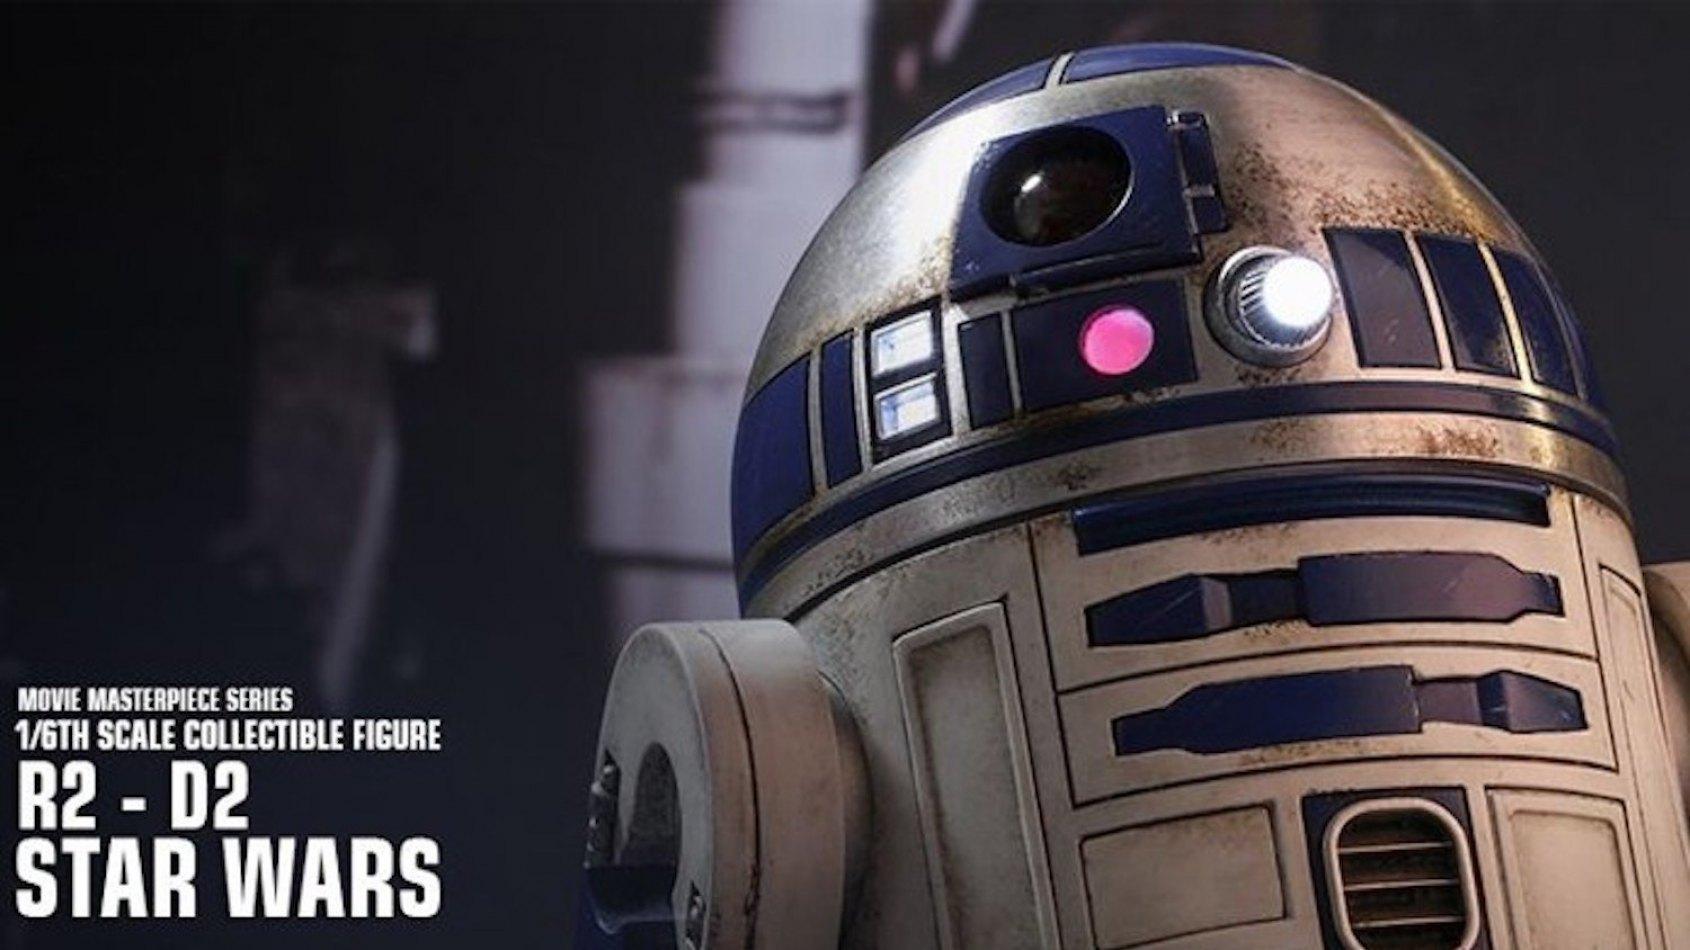 Hot Toys : R2 D2 du Réveil de la Force à l'échelle 1/6 ème